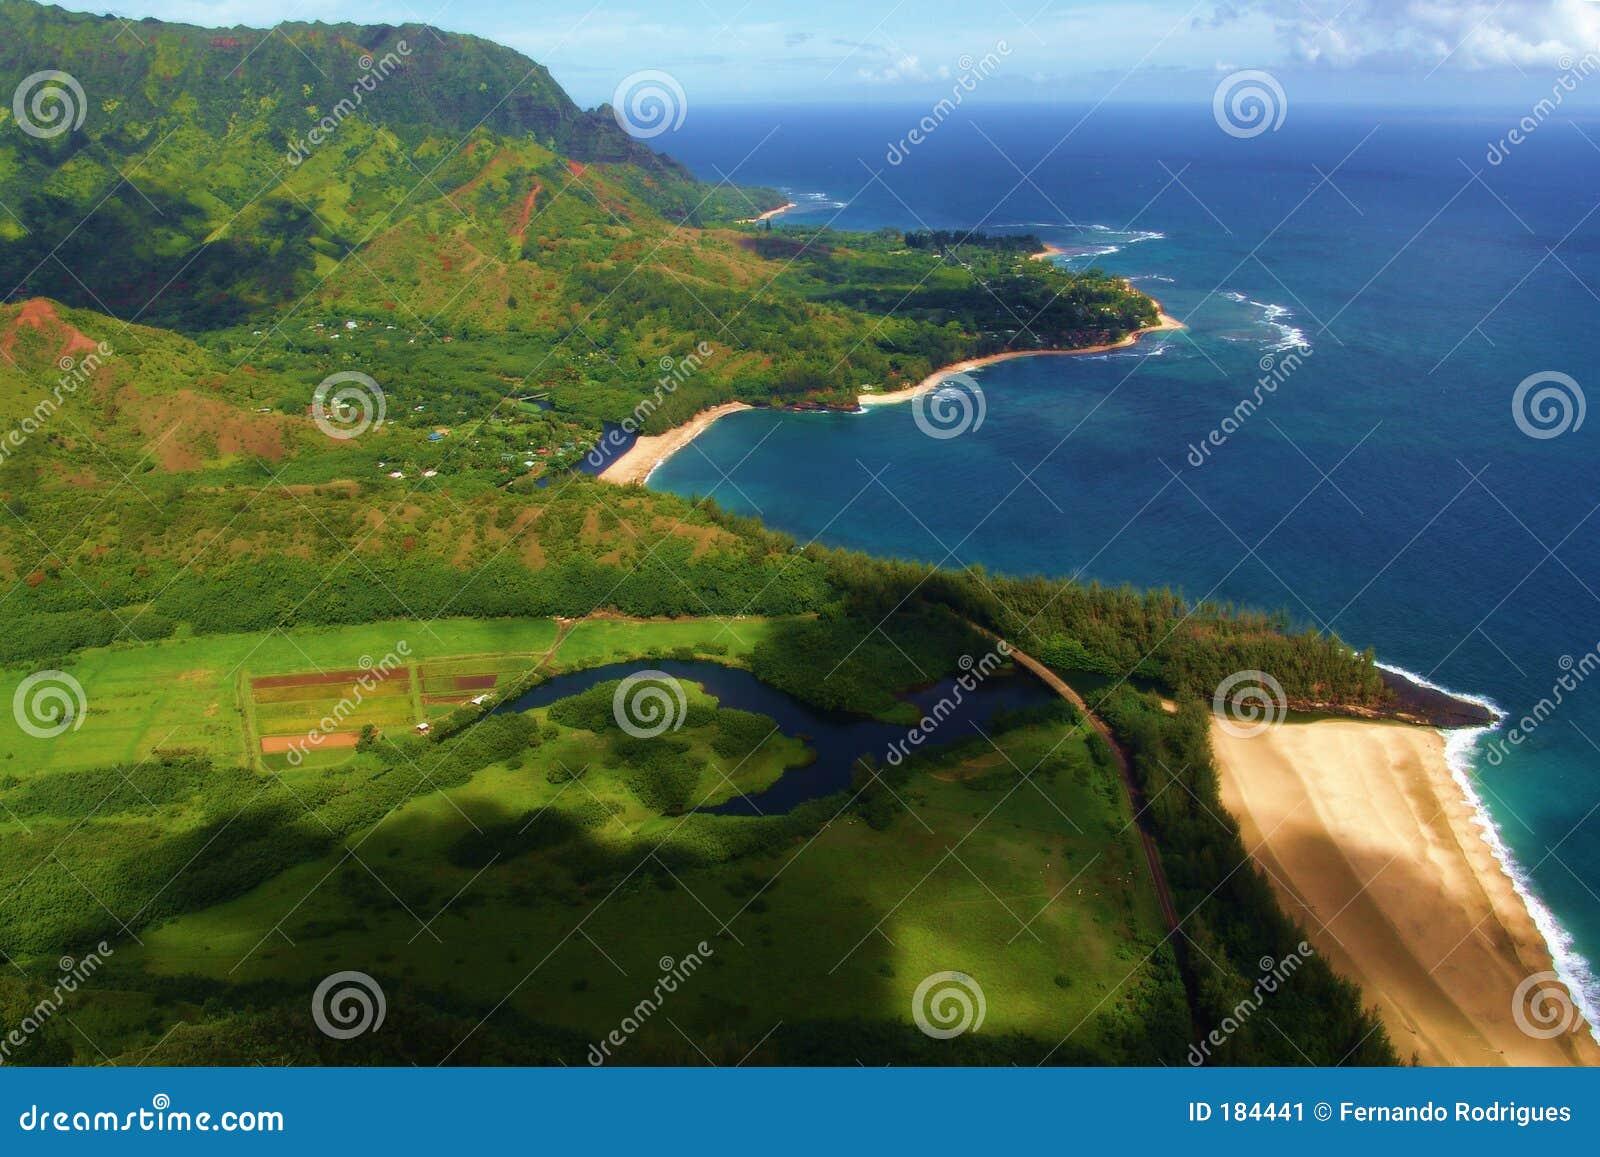 Praia vista do mid-air